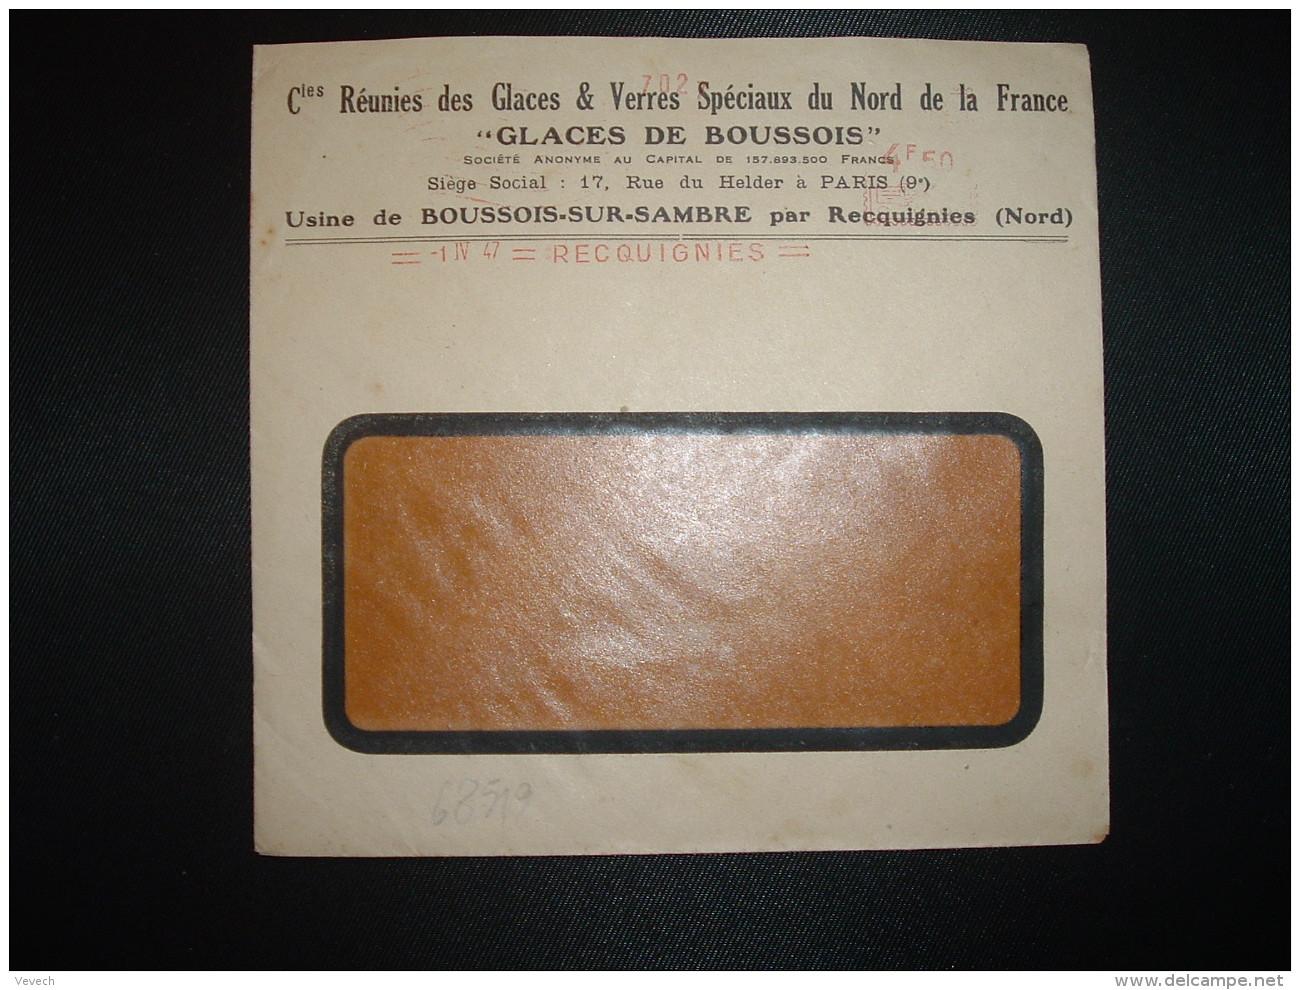 LETTRE EMA C. 0309 à 4F50 Du 1 IV 47 RECQUIGNIES (59) GLACES DE BOUSSOIS Cies Réunies Des Glaces & Verres Spéciaux D - Marcophilie (Lettres)